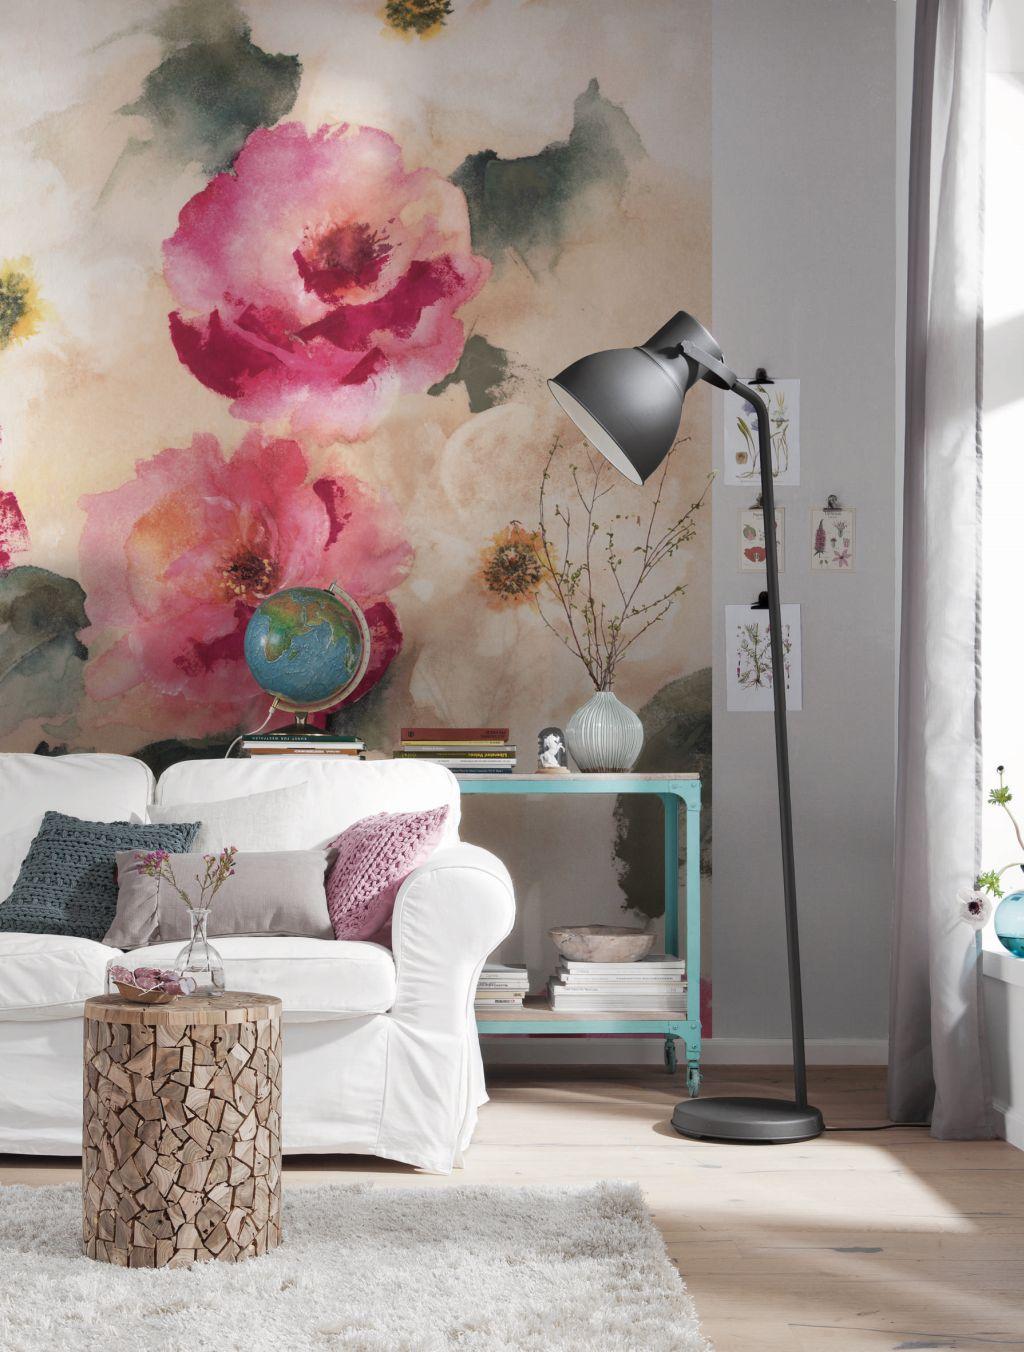 интерьер обои в большие цветы термобелья Термобелье